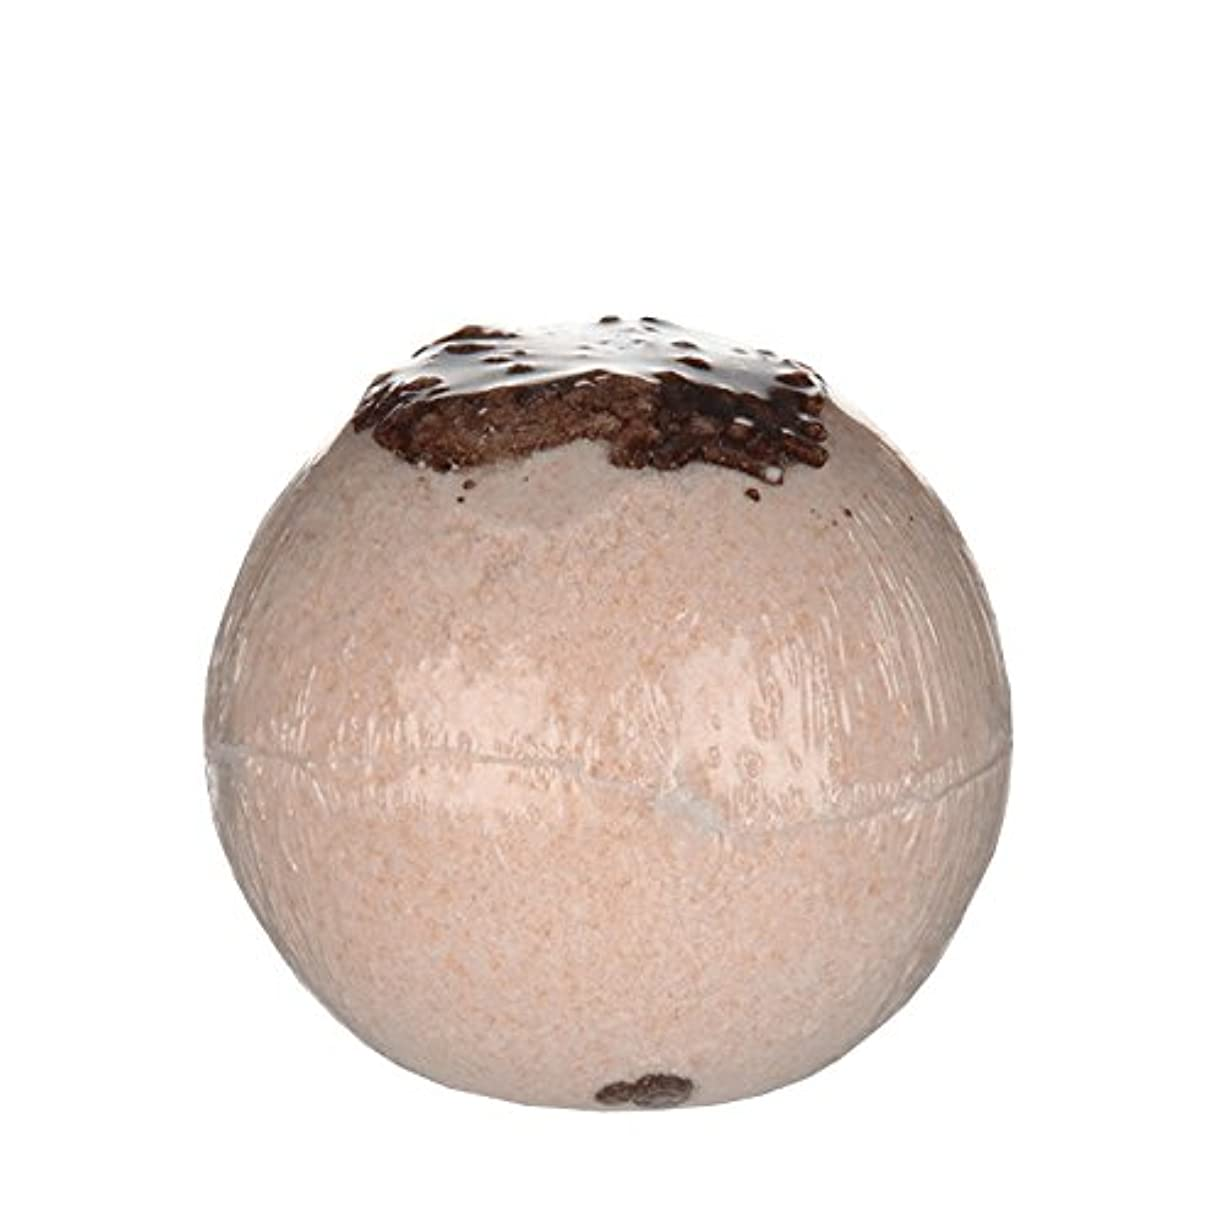 友情ミス平等Treetsバスボールココナッツチョコレート170グラム - Treets Bath Ball Coconut Chocolate 170g (Treets) [並行輸入品]